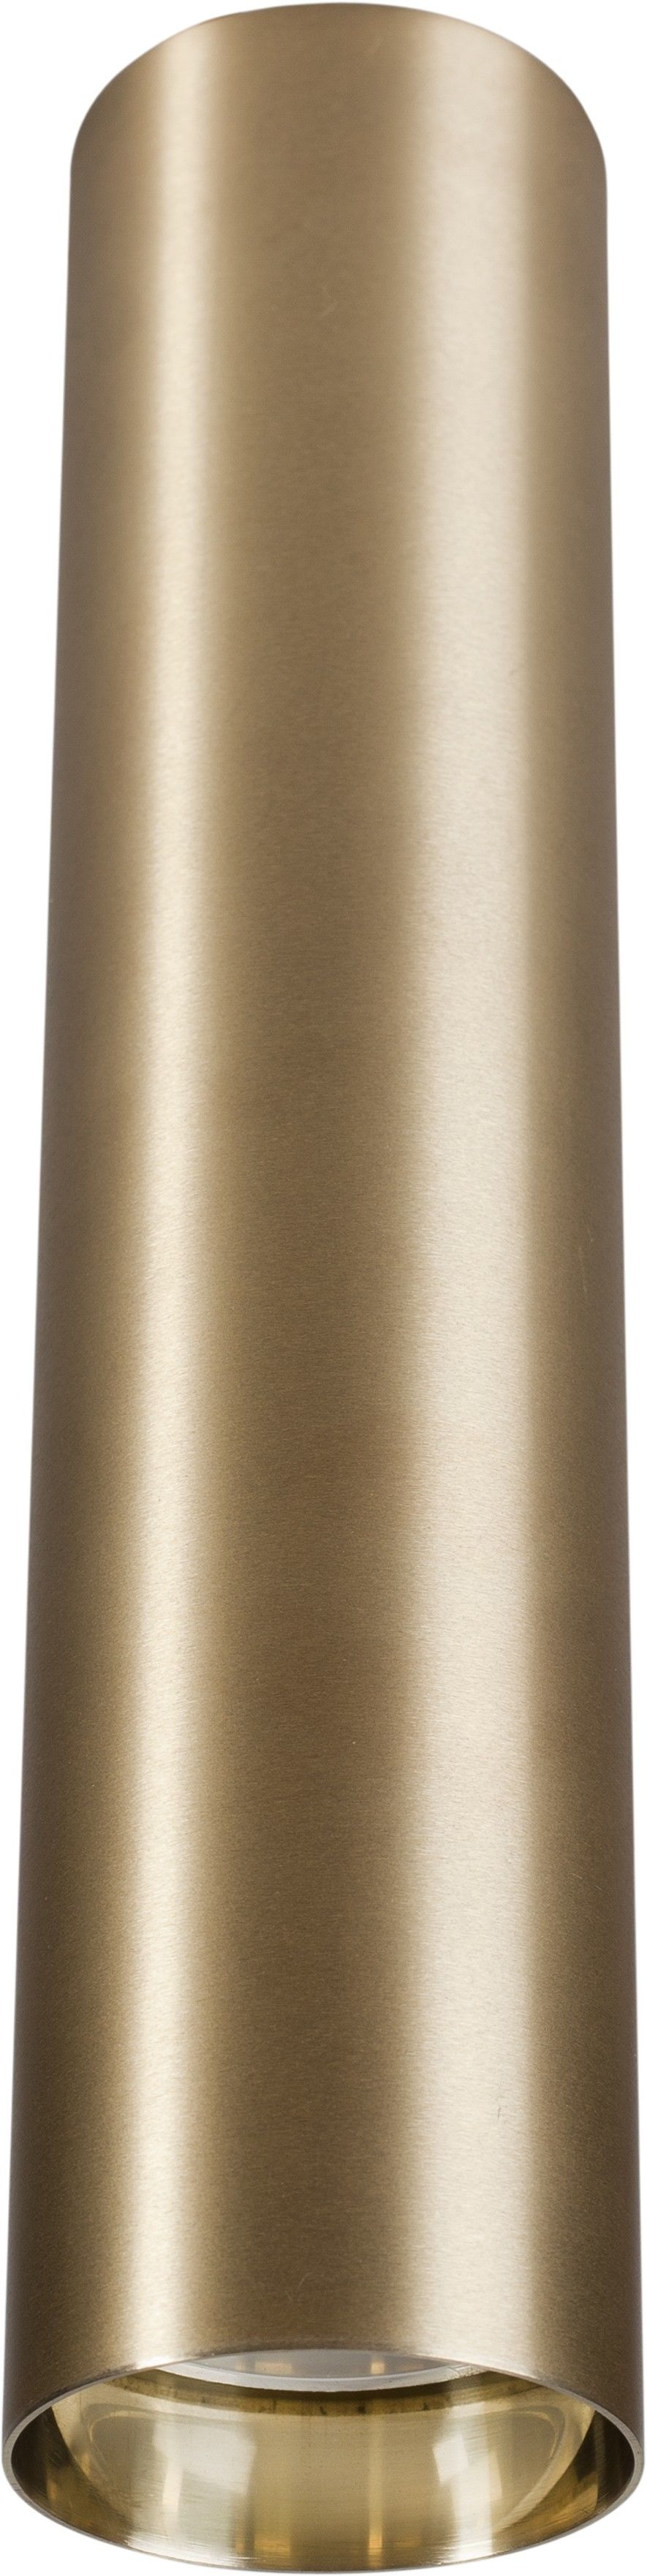 Tuba natynkowa Eye brass M mosiądz 25cm 8912 - Nowodvorski Do -17% rabatu w koszyku i darmowa dostawa od 299zł !